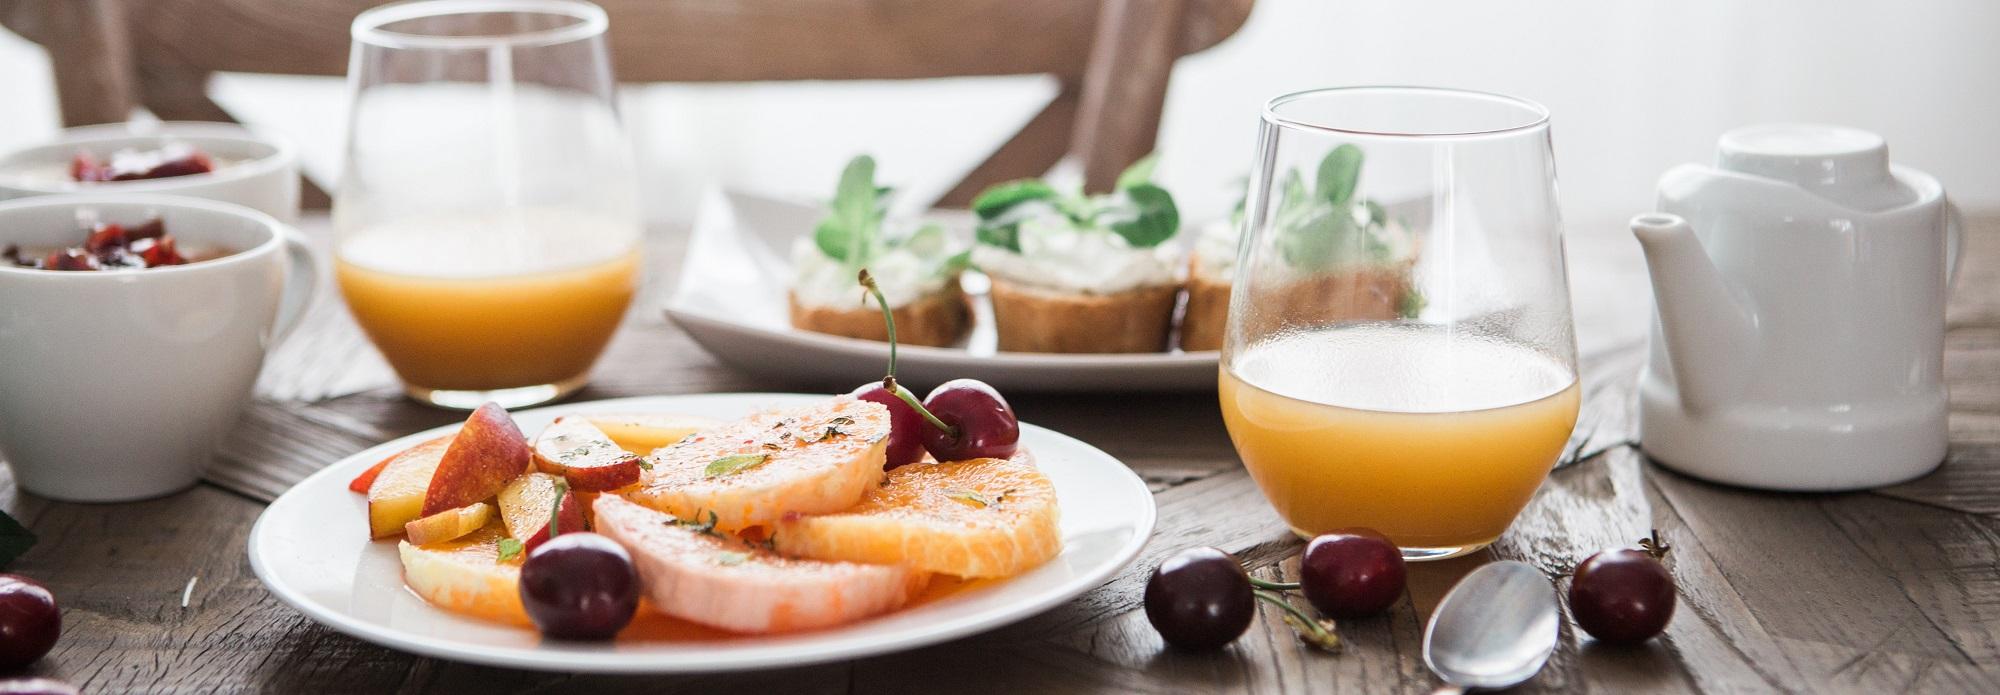 Des petits-déjeuners pour tous grâce au partenariat ANDES X KELLOGG'S